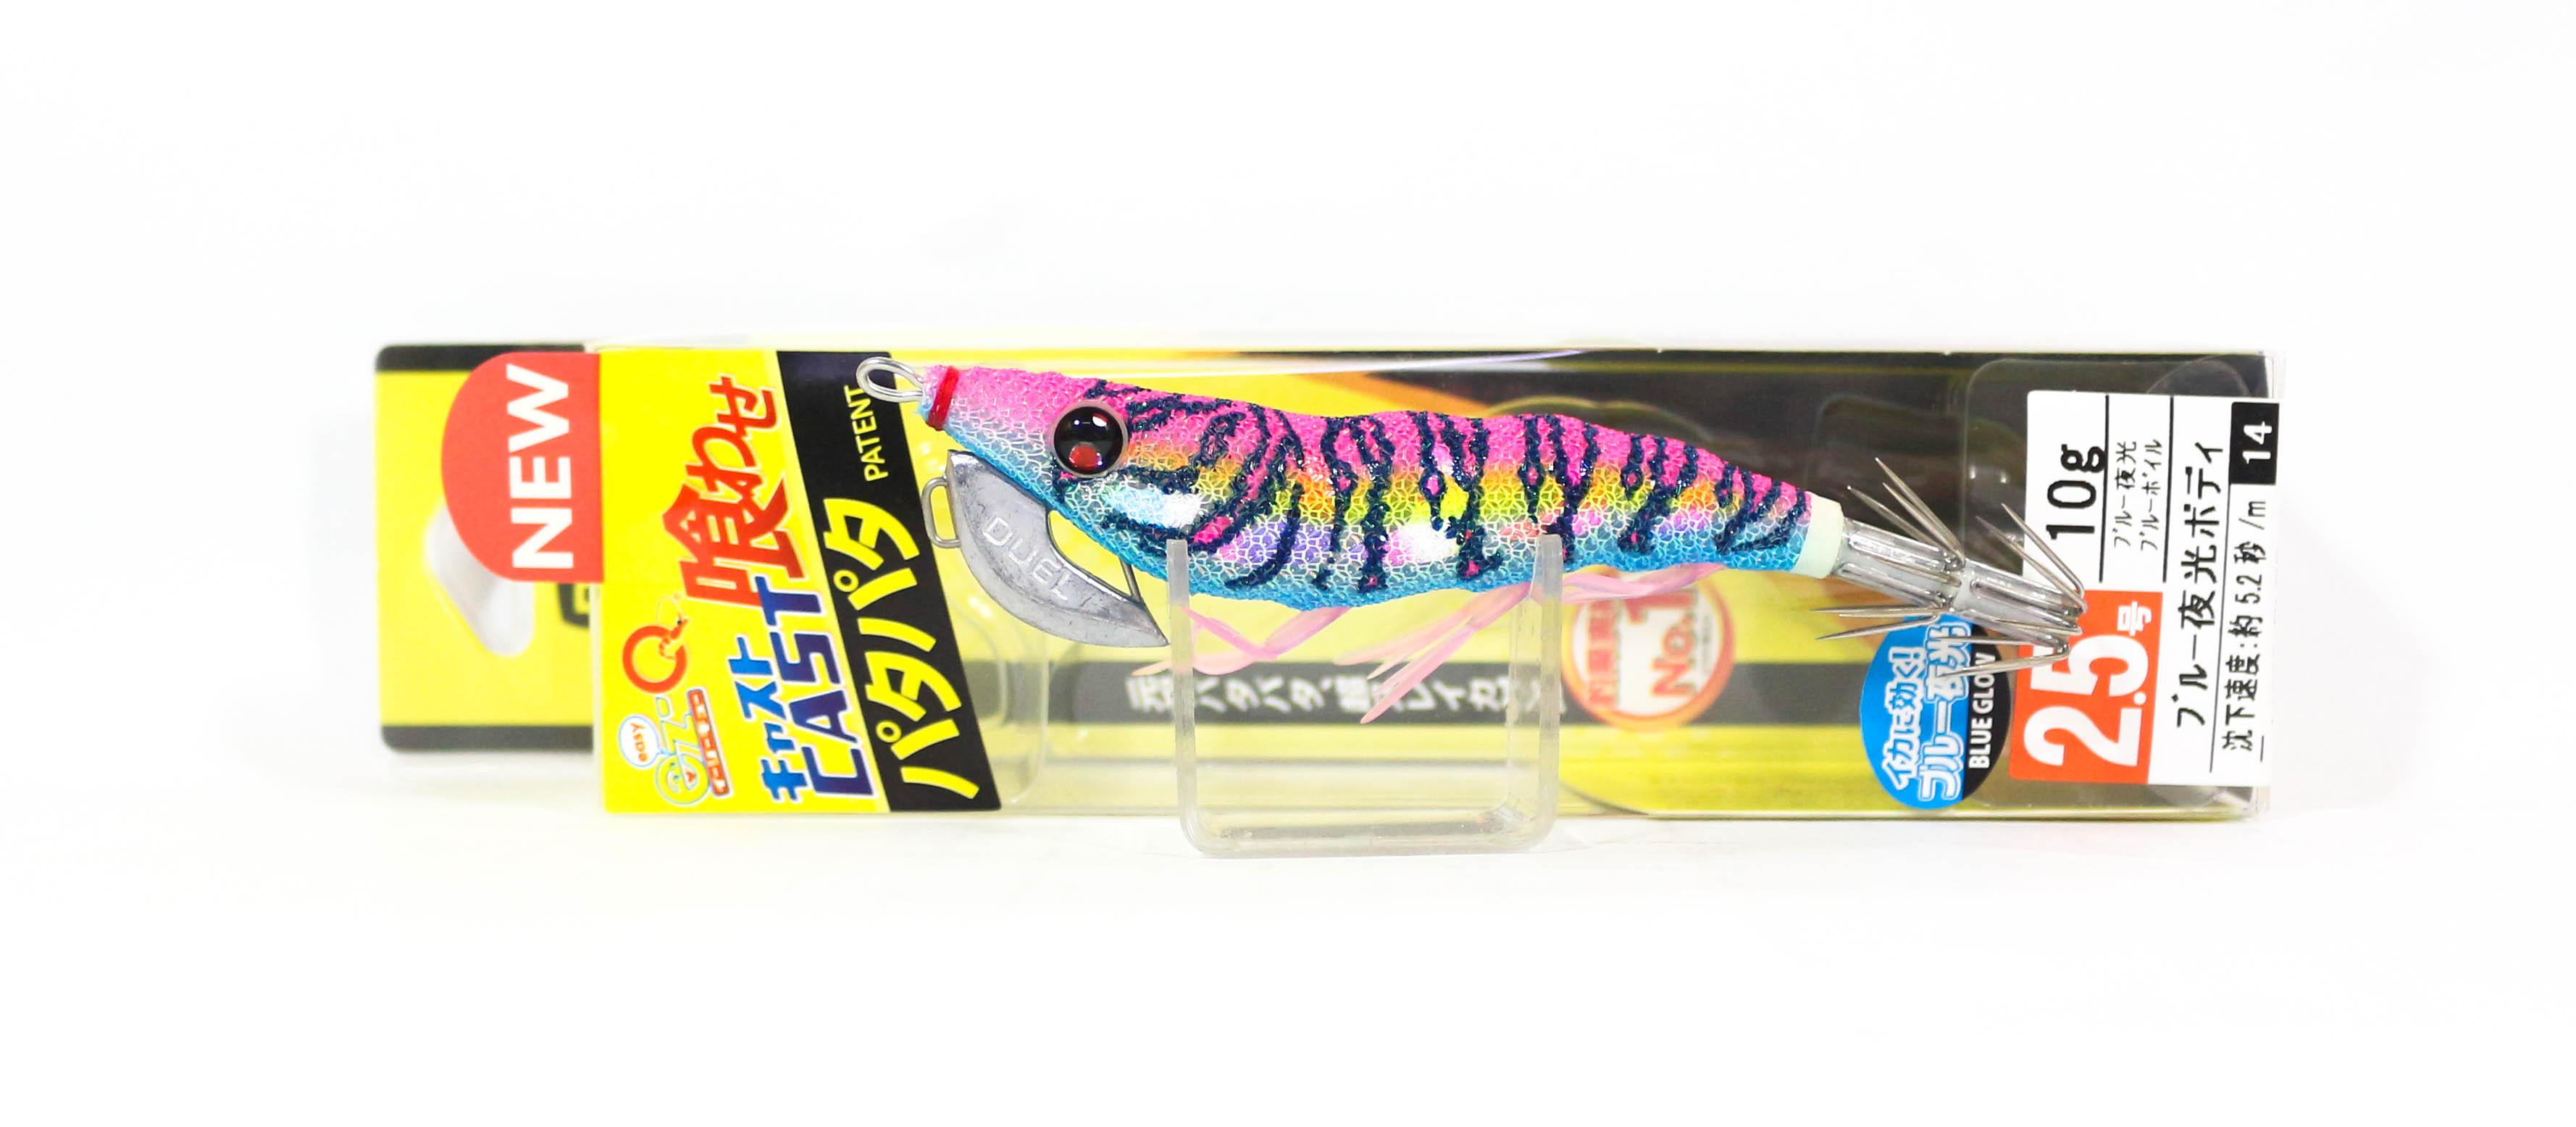 Yo Zuri Duel Egi EZ-Q Cast Squid Jig Sinking Lure 2.5 A1755-BLMP (7275)